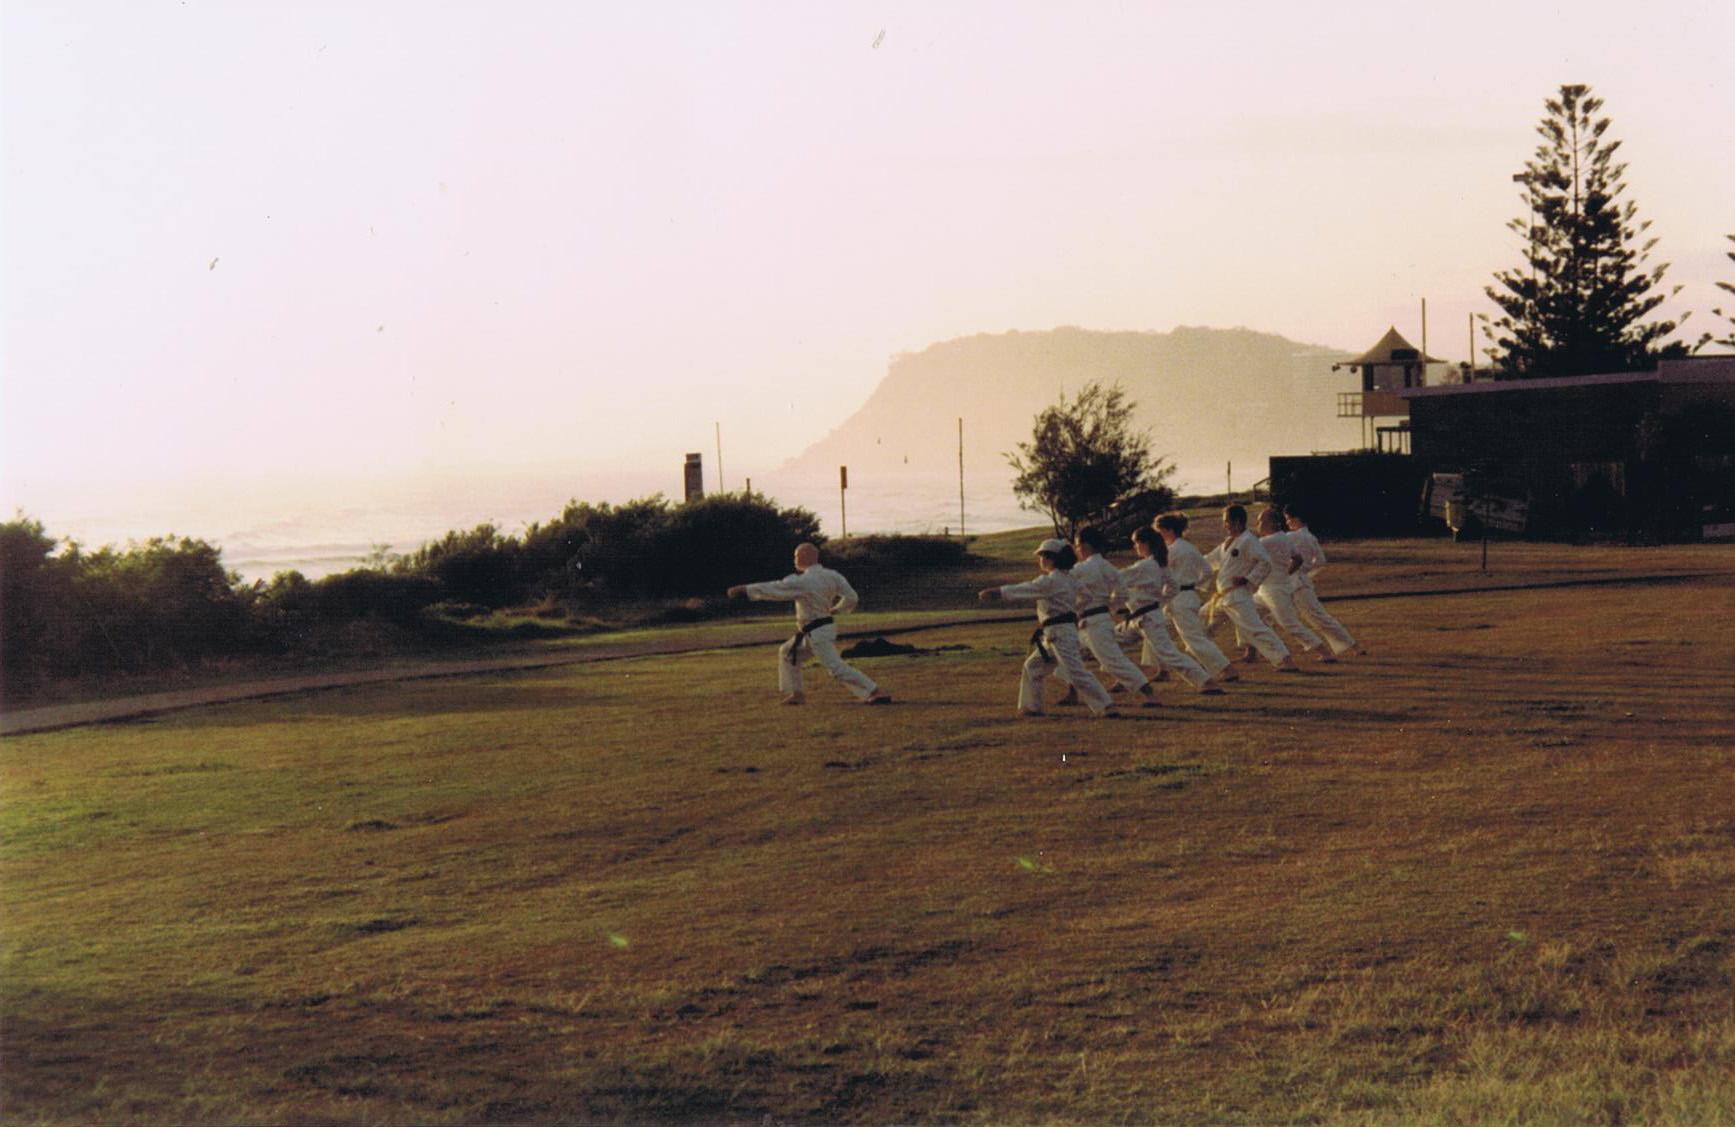 Burleigh (Outdoor) Dojo